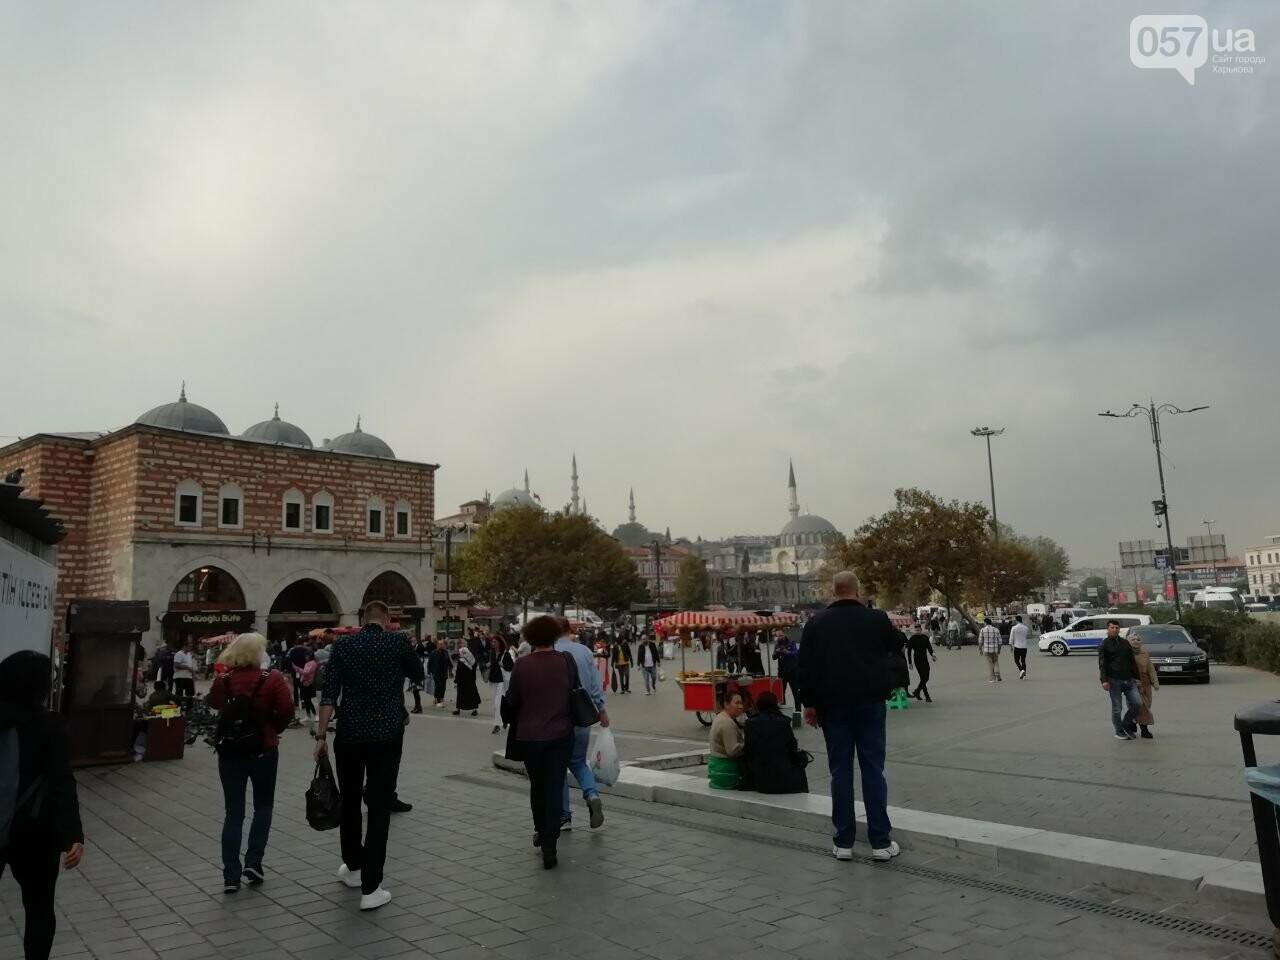 Из Харькова в Стамбул. Как добраться, что попробовать и на что посмотреть в турецком городе, - ФОТО, фото-64